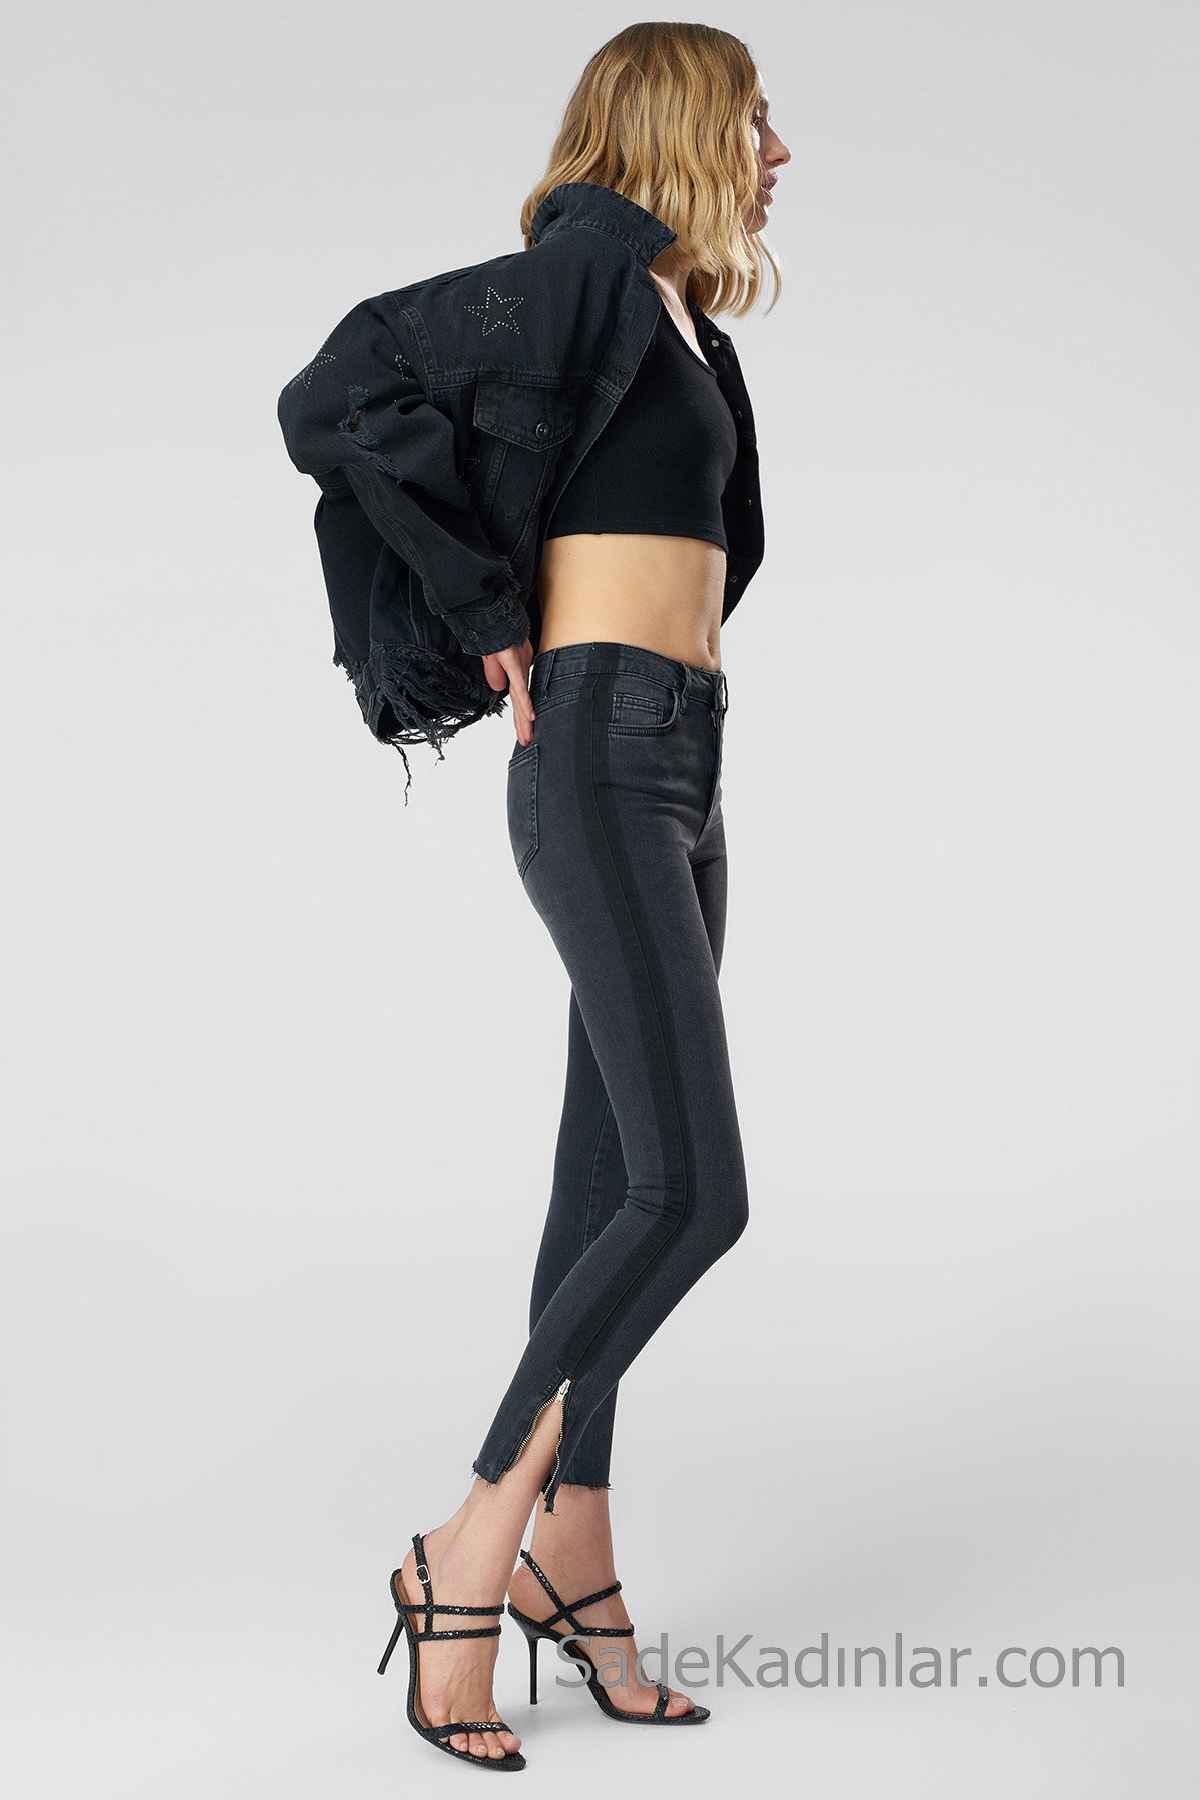 2019 Yılının Kot Pantolon Modelleri